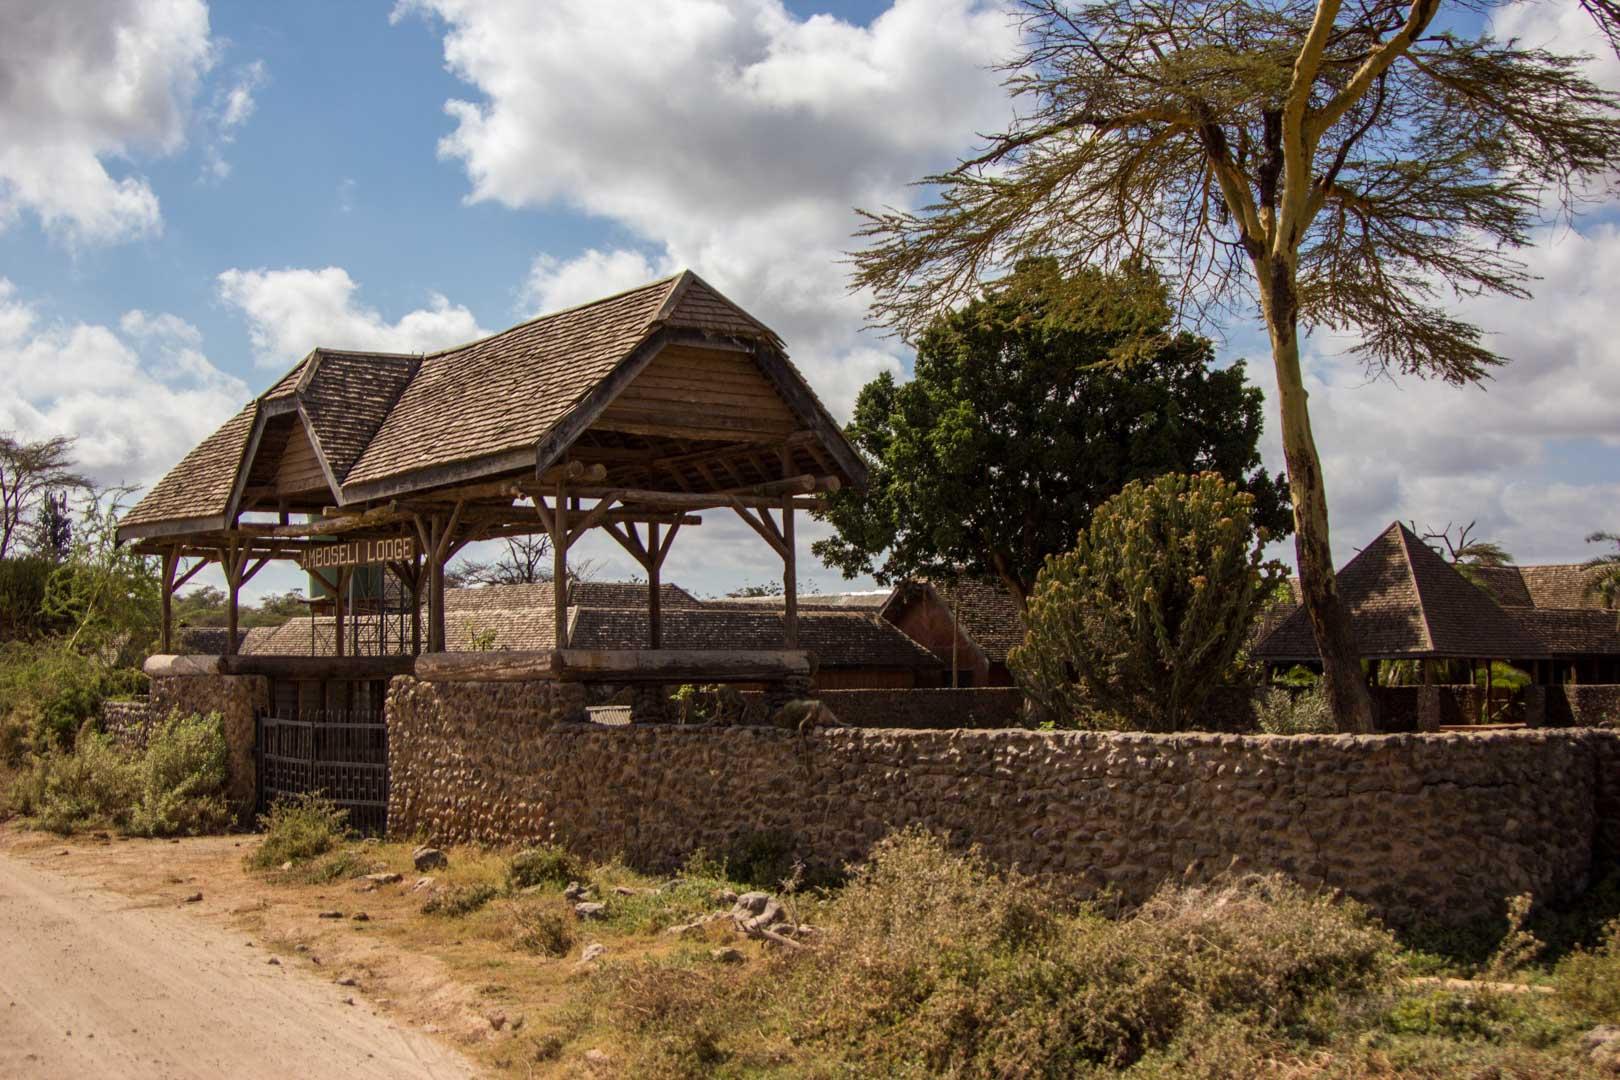 Amboseli Lodge, hotel abandonado en Amboseli, Kenia